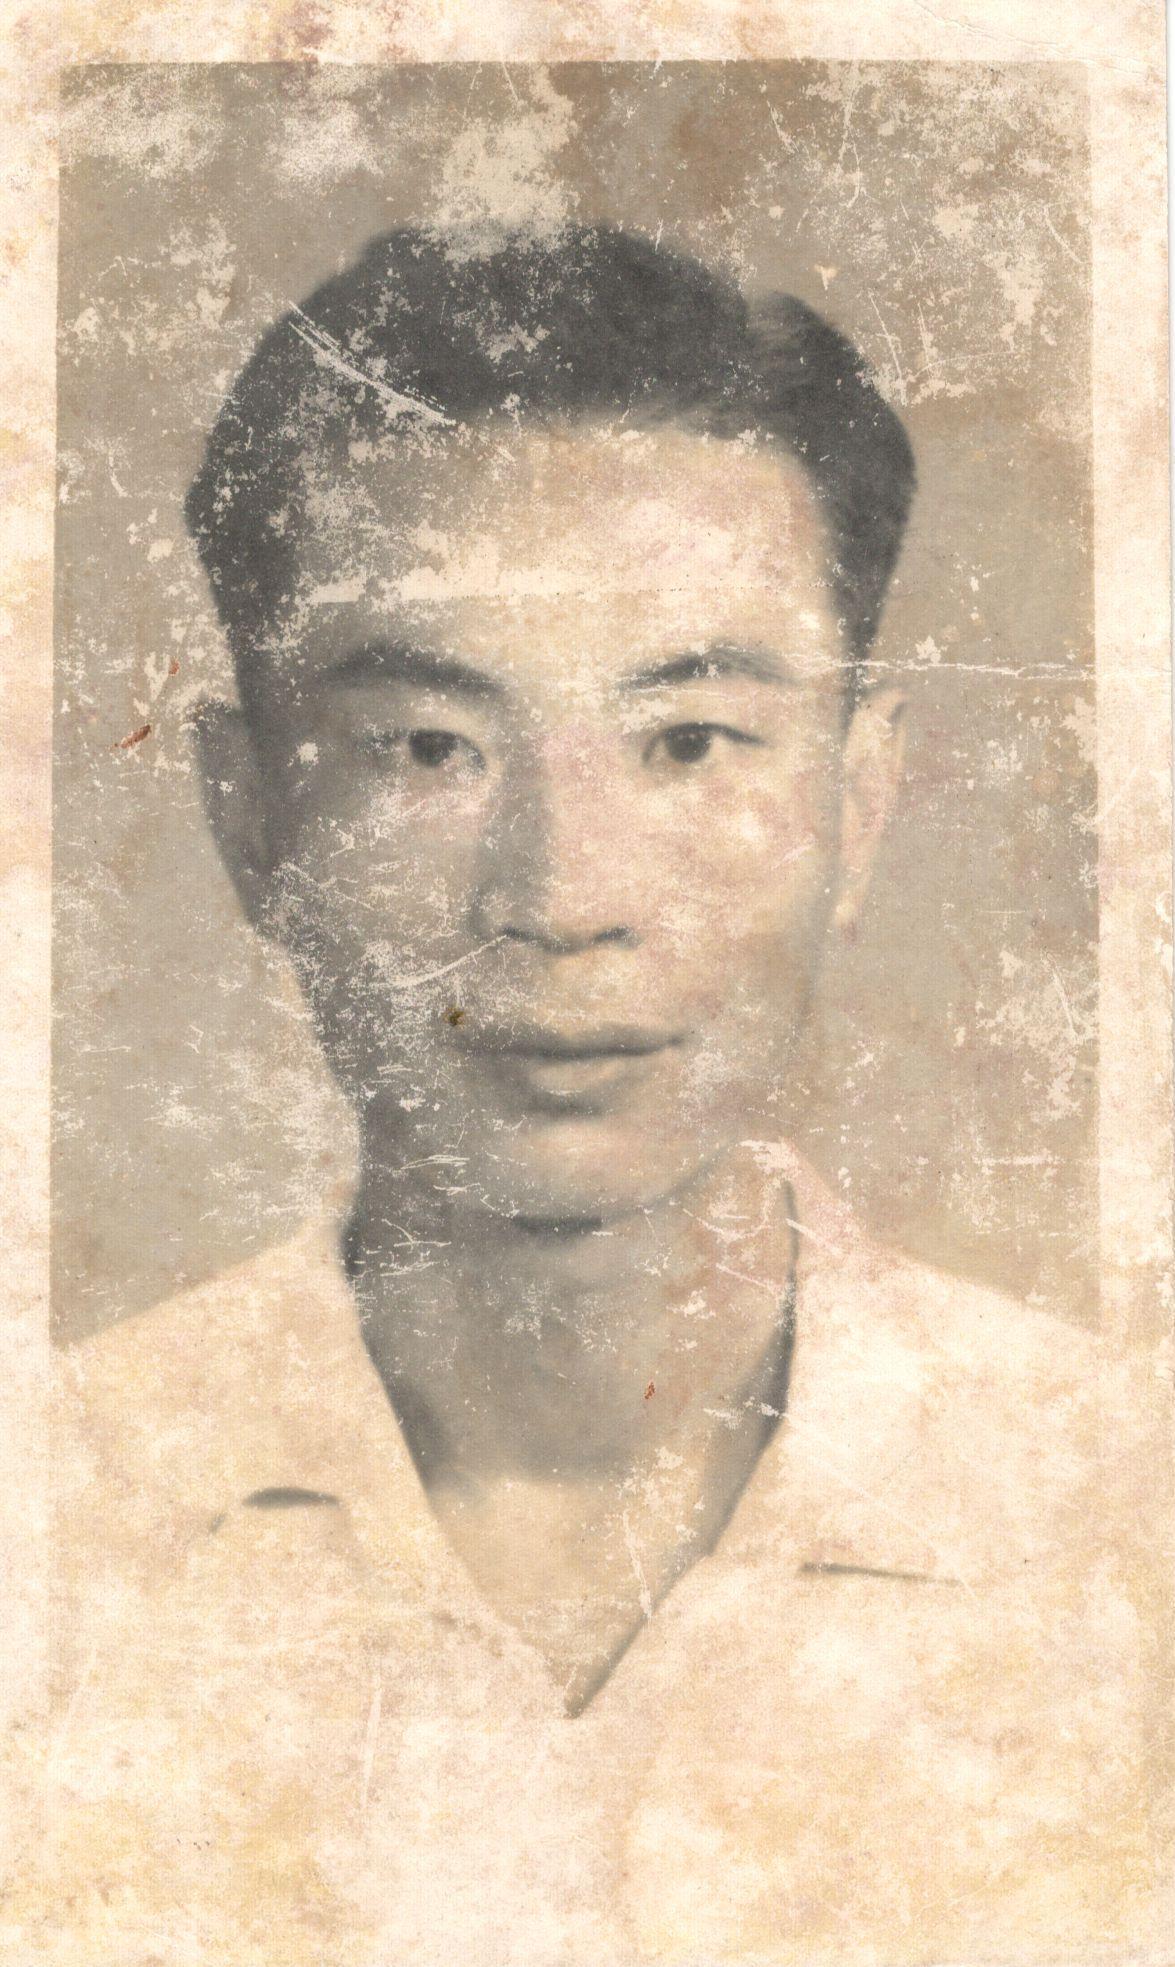 Shen Pei Tan